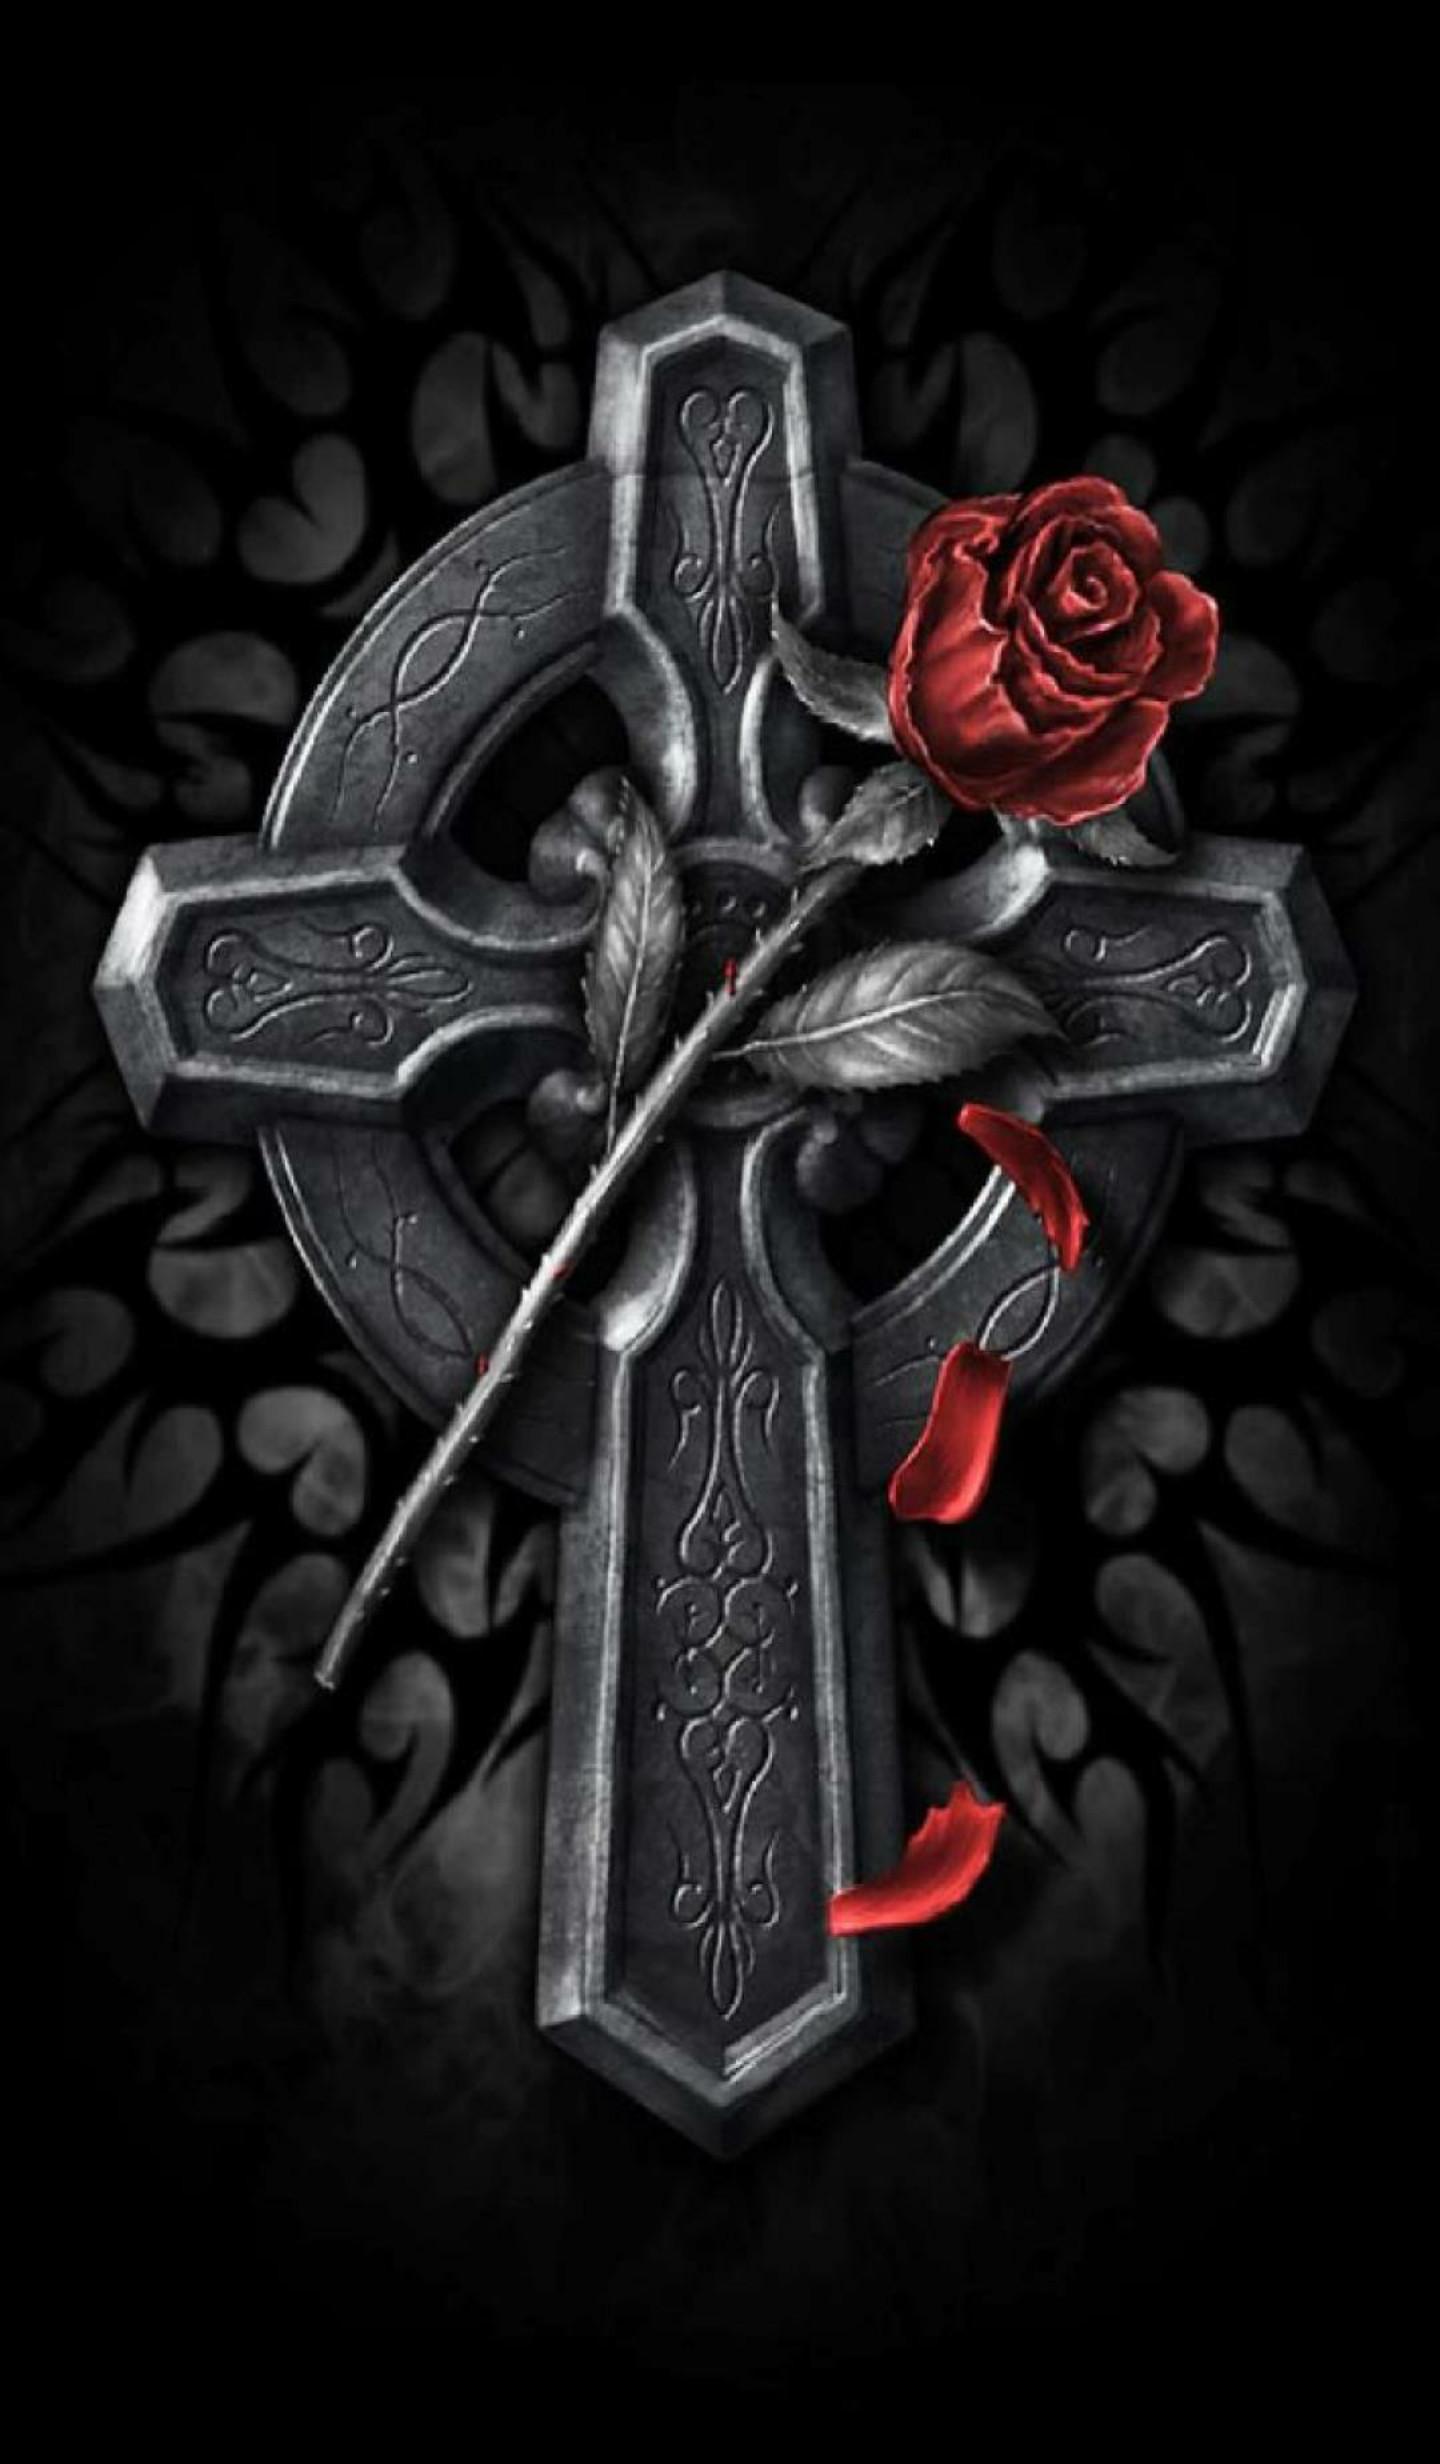 Res: 1440x2464, Dark Rose